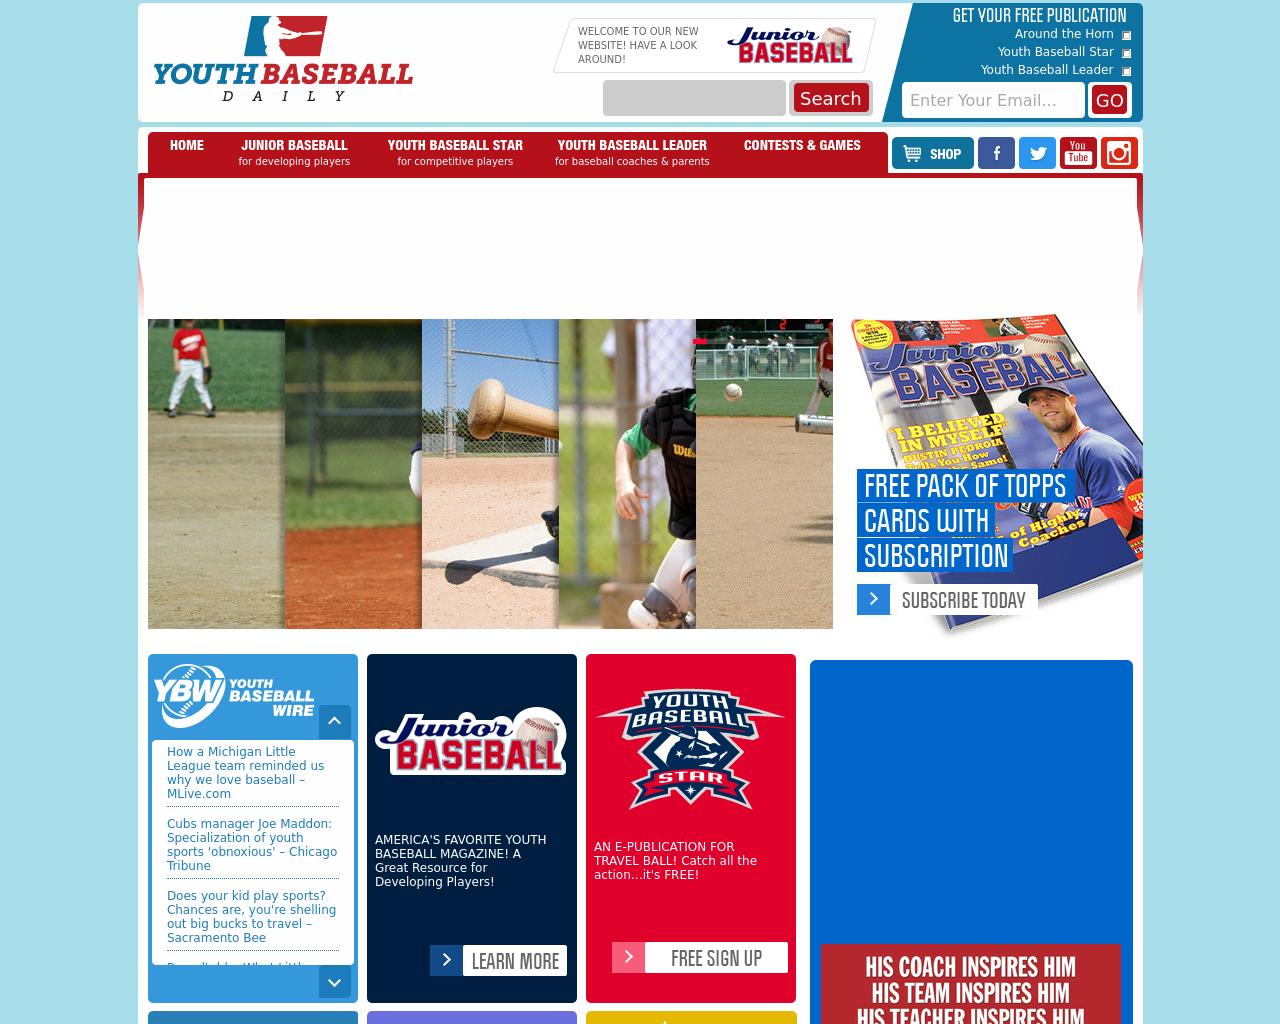 Youth-Baseball-Daily-Advertising-Reviews-Pricing